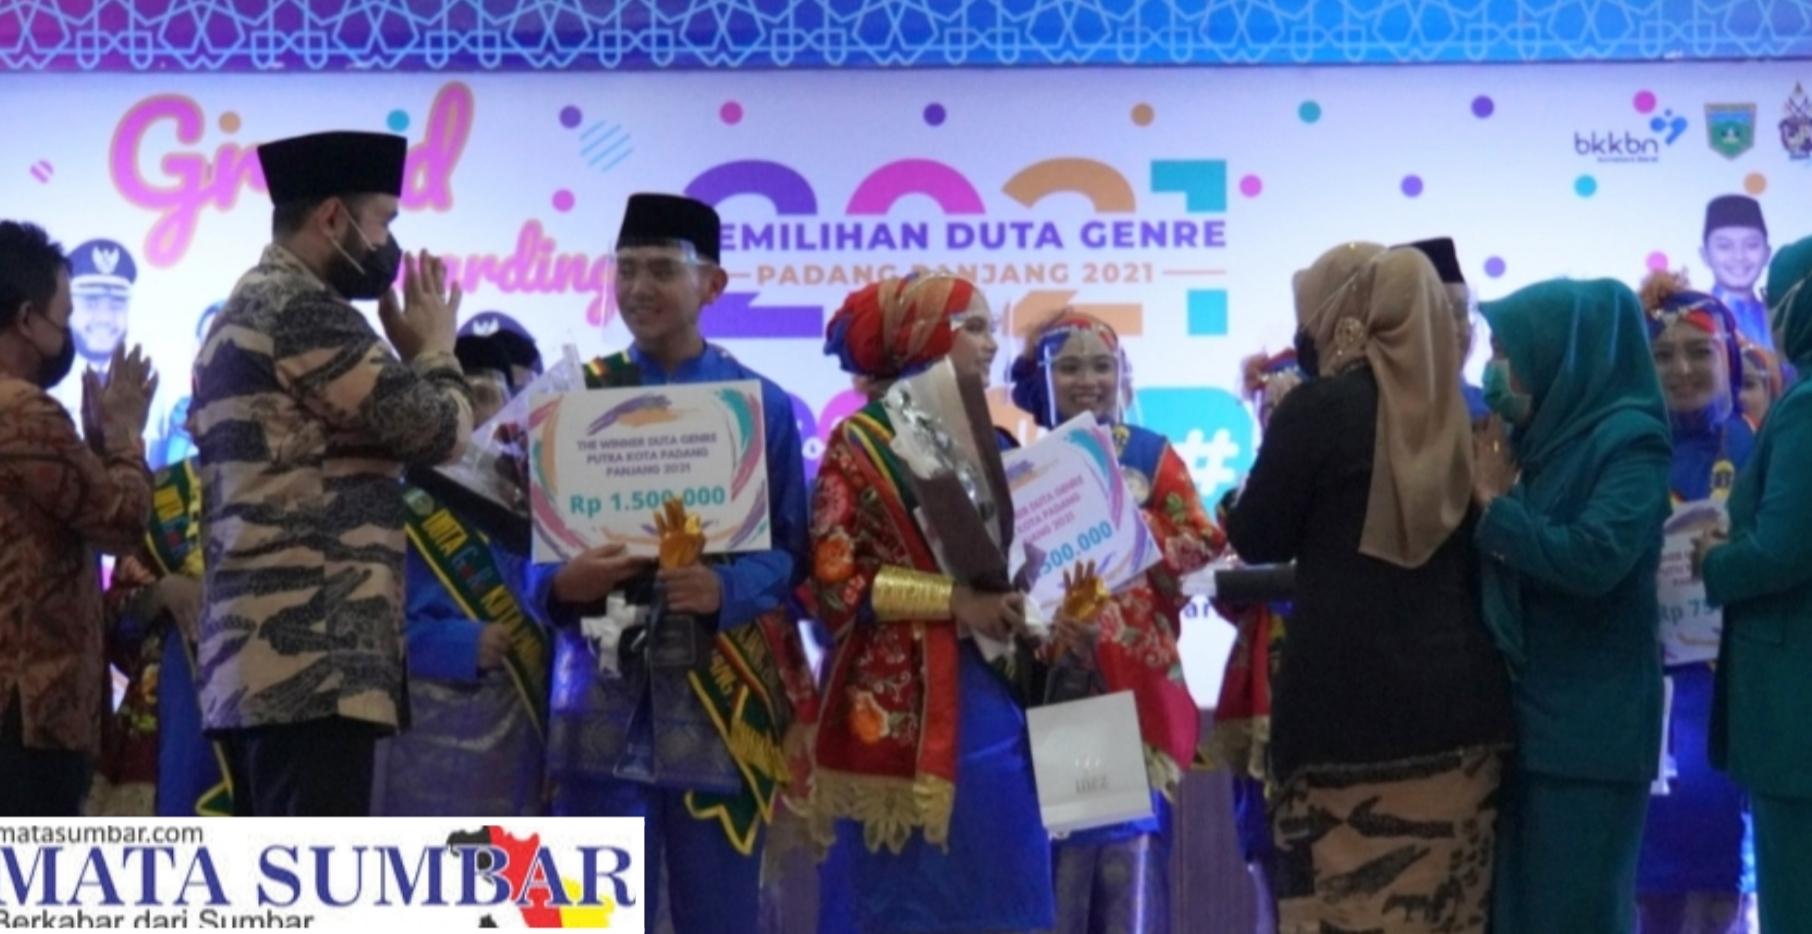 Grand Final Pemilihan Duta Genre, Gibra Alhamdi dan Aisyah Shinta Balgis Berhasil Keluar Sebagai Juara 1